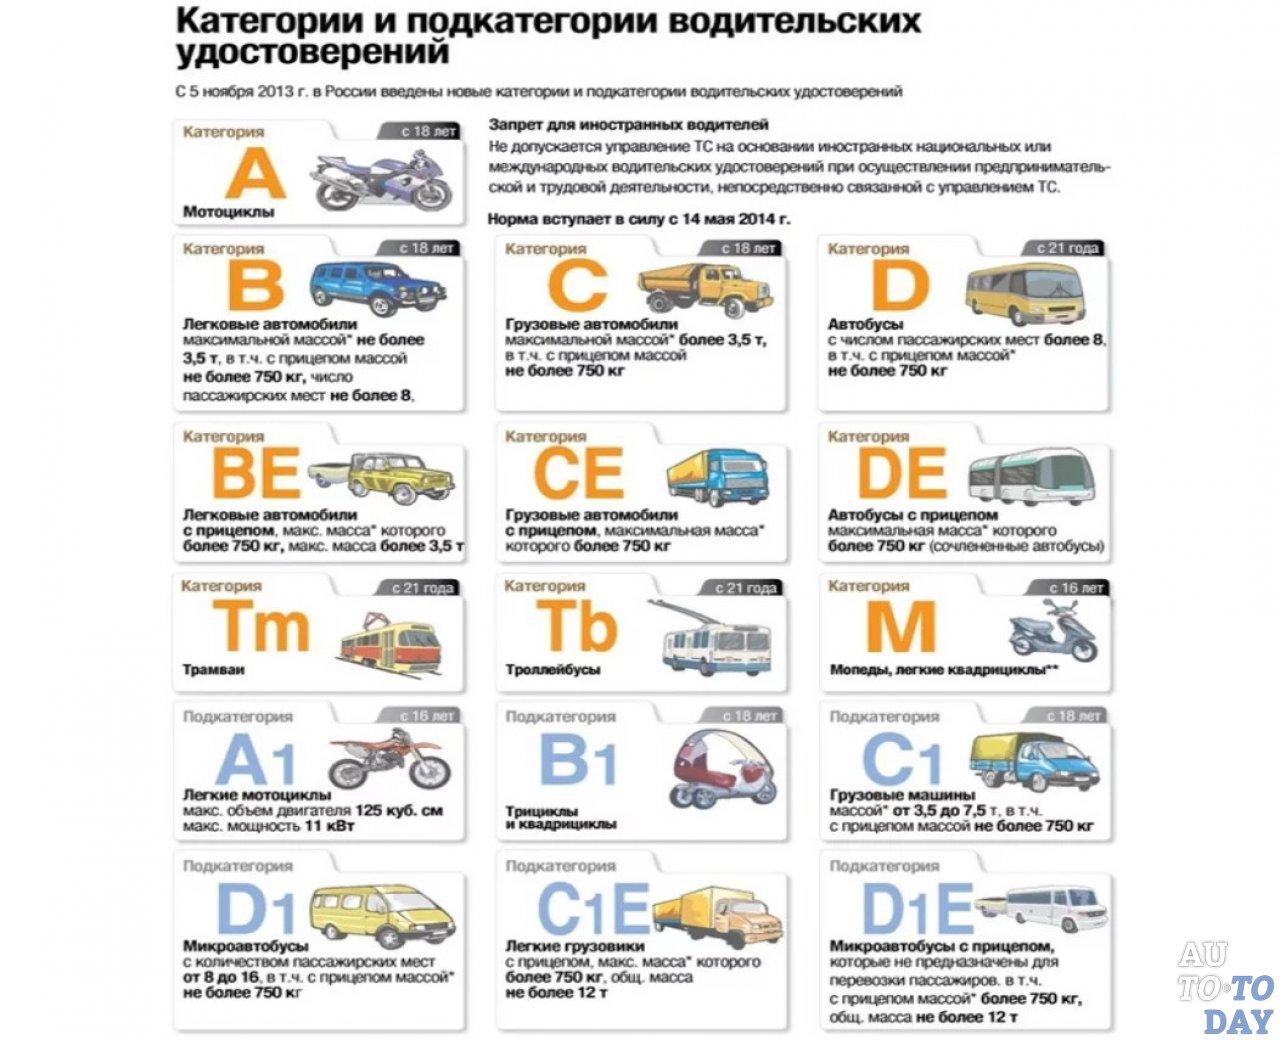 Категория а и а1 водительских прав: что это, какой транспорт попадает под них